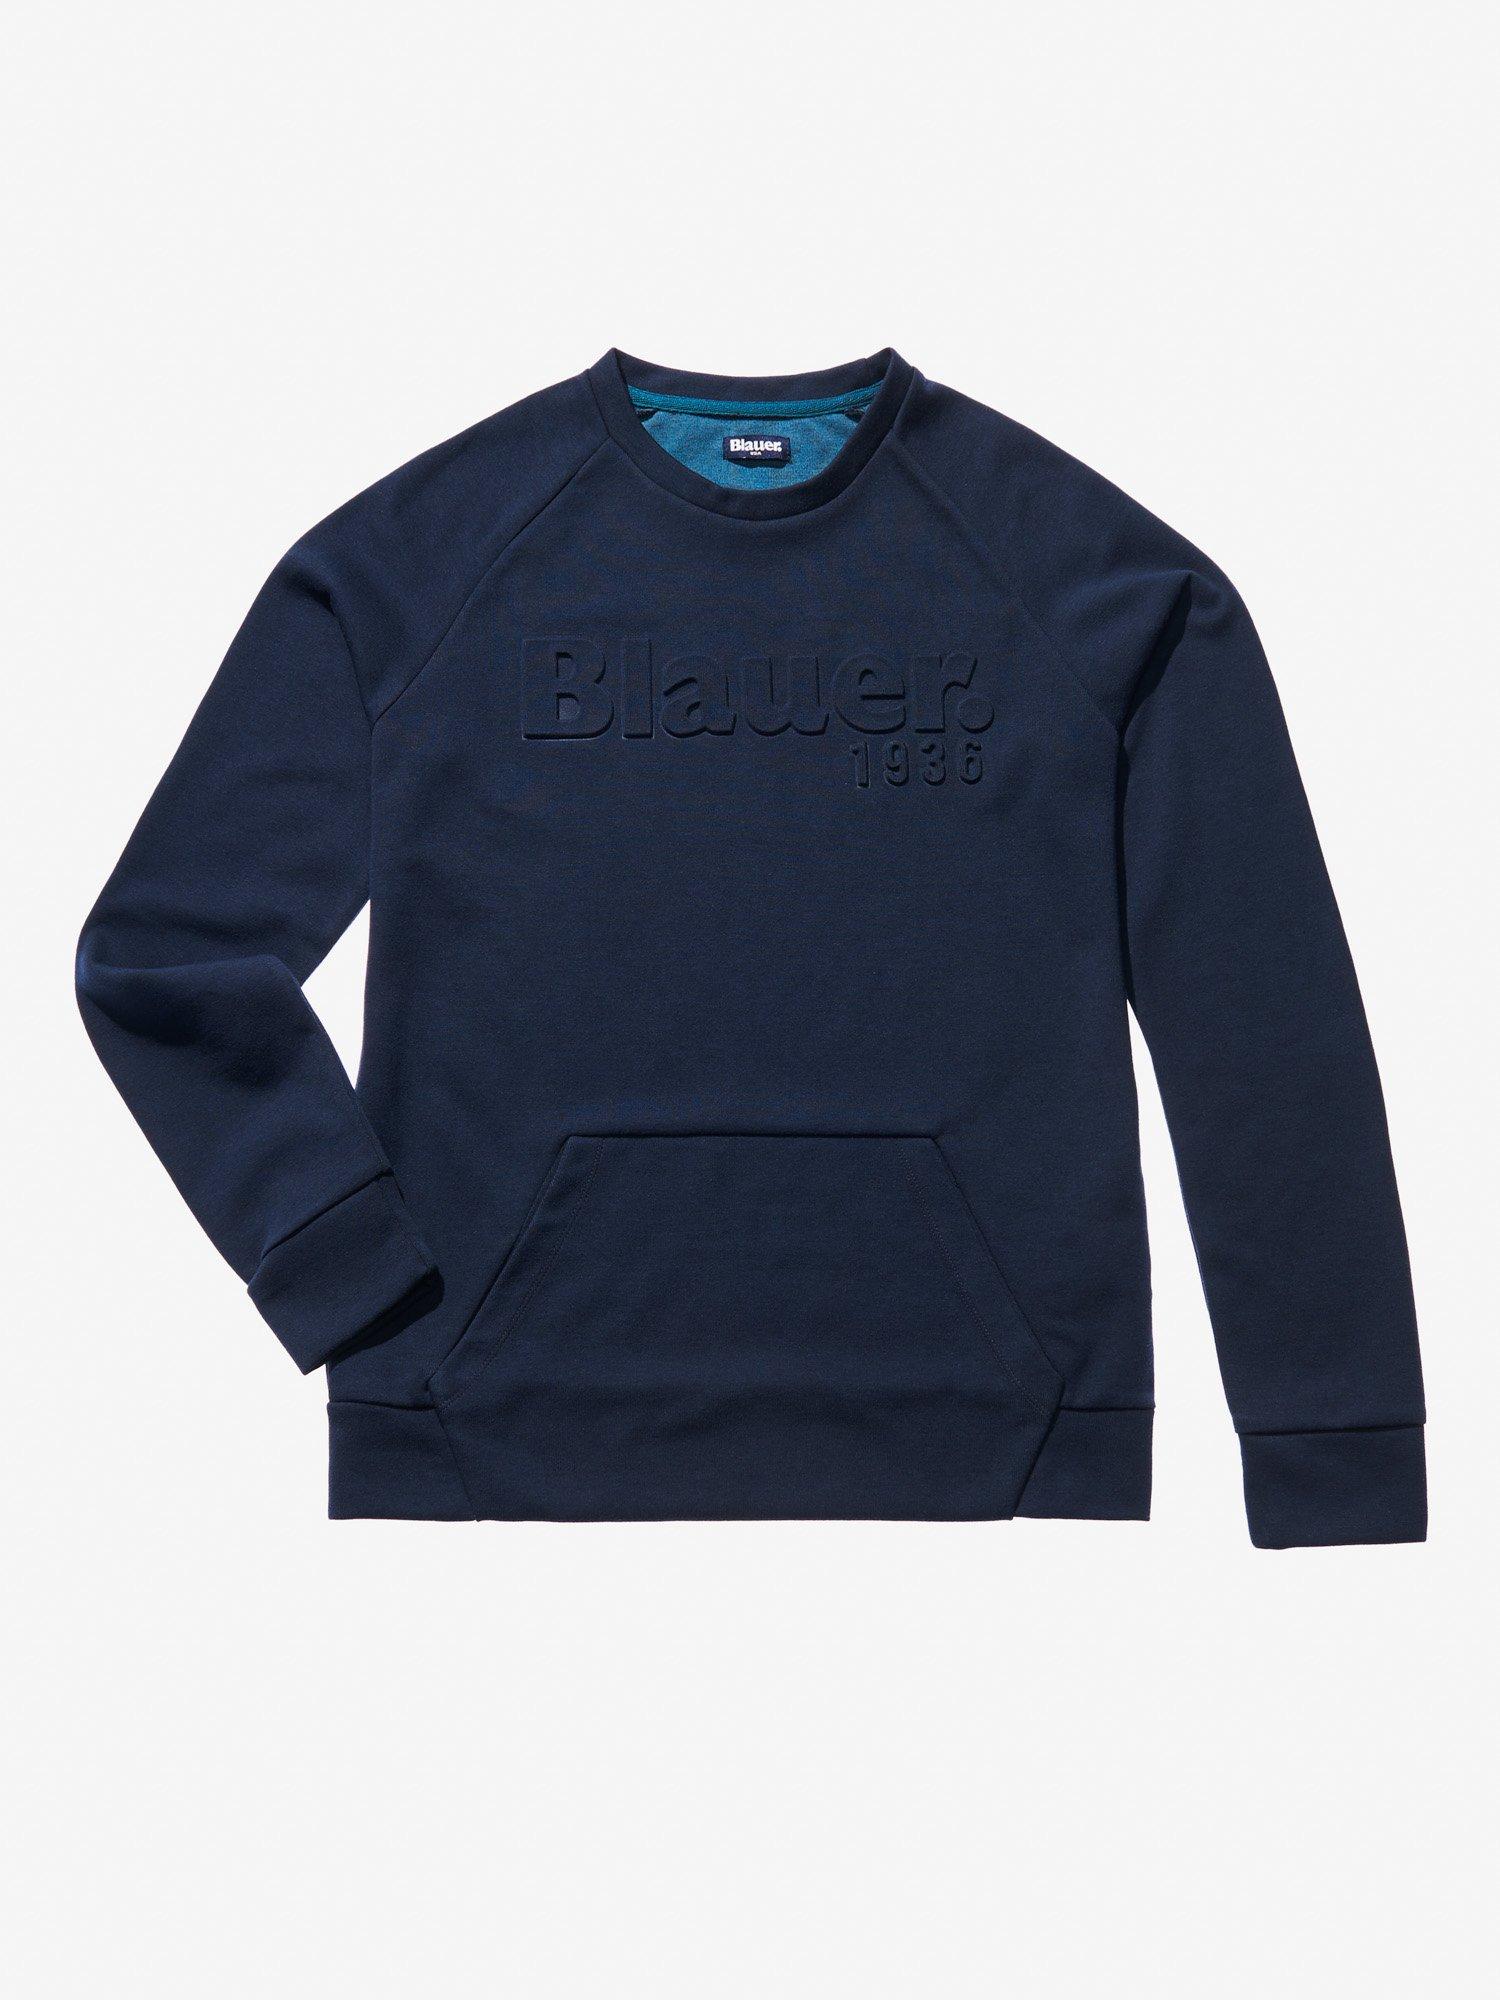 Blauer - CREW NECK SWEATSHIRT WITH POUCH POCKET - blue - Blauer